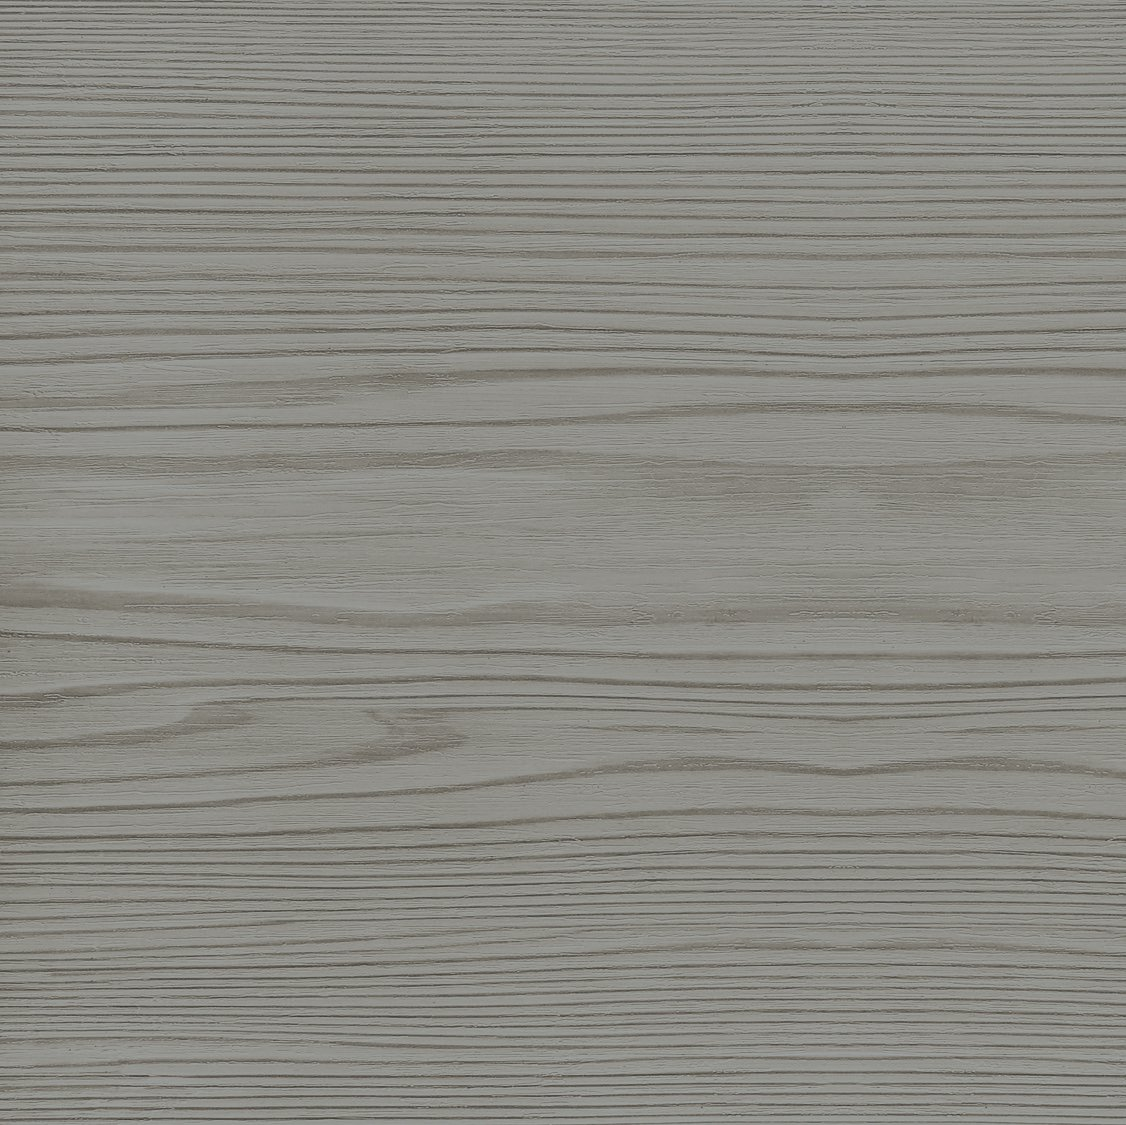 Colorit Lakierobejca Drewna 375ml Szary Szybkoschnąca Satynowa Farba Do